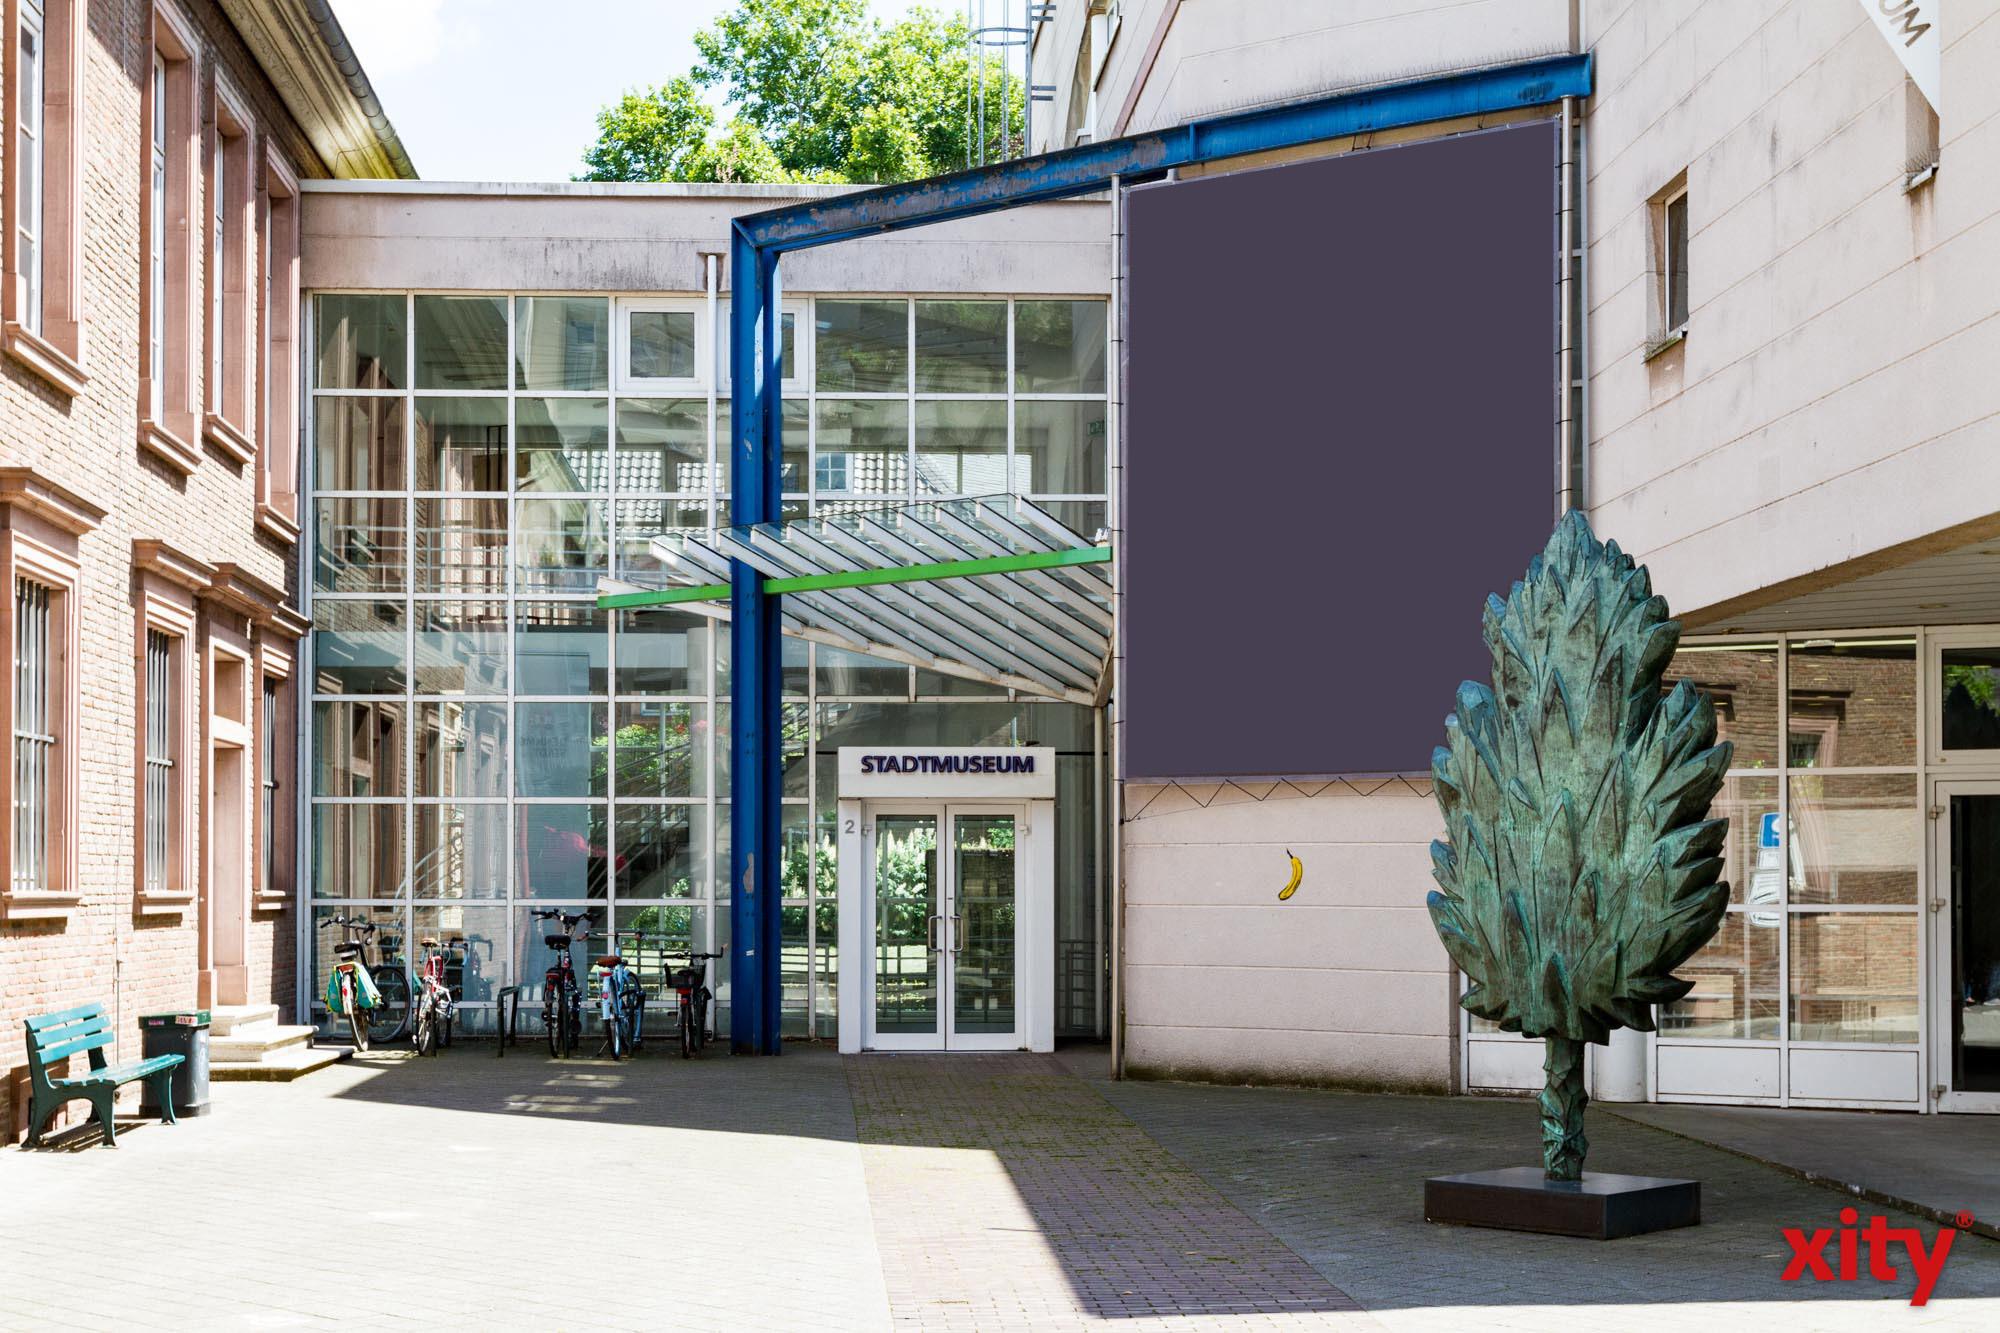 Stadtmuseum Düsseldorf: Themenführung durch die aktuelle Ausstellung (Foto: xity)